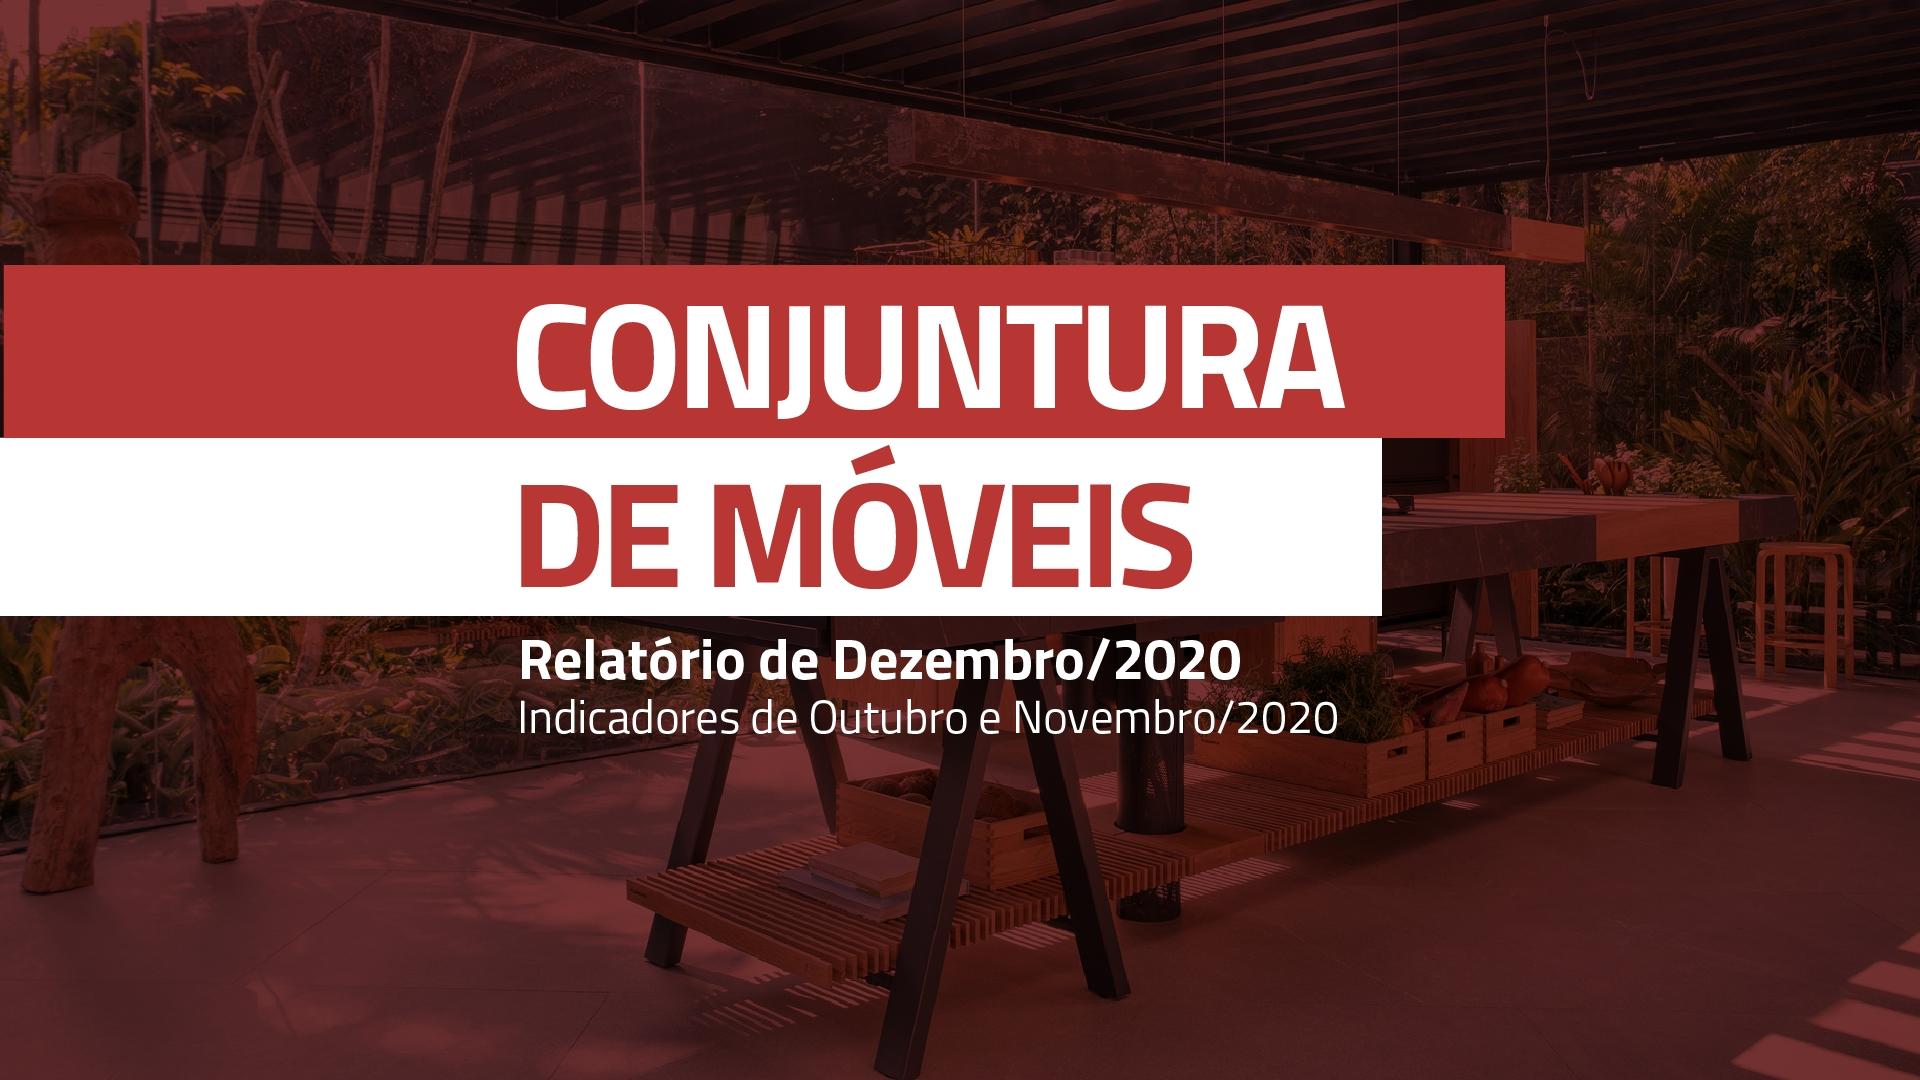 conjuntura_de_moveis_2020-12